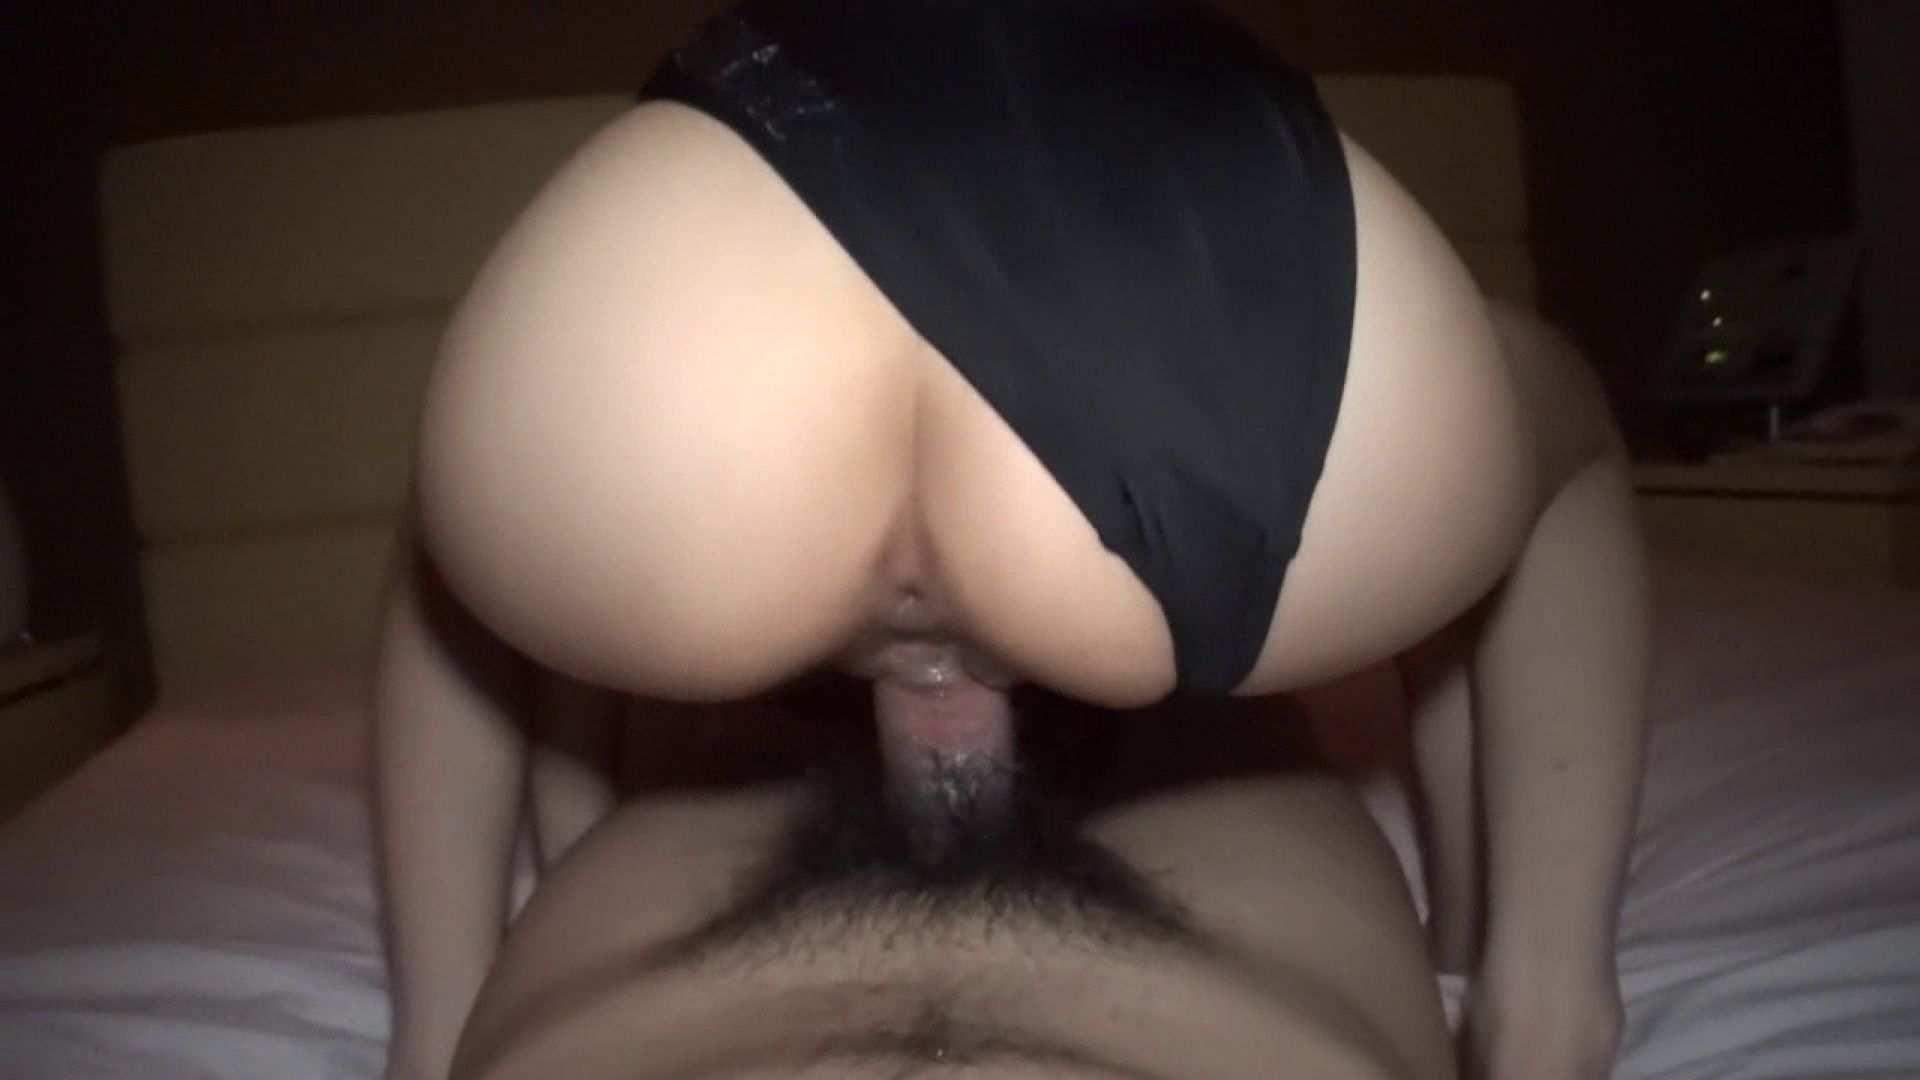 変態ギャル姫のH Vol.18 後編 ギャルエロ画像 セックス画像 54PICs 35